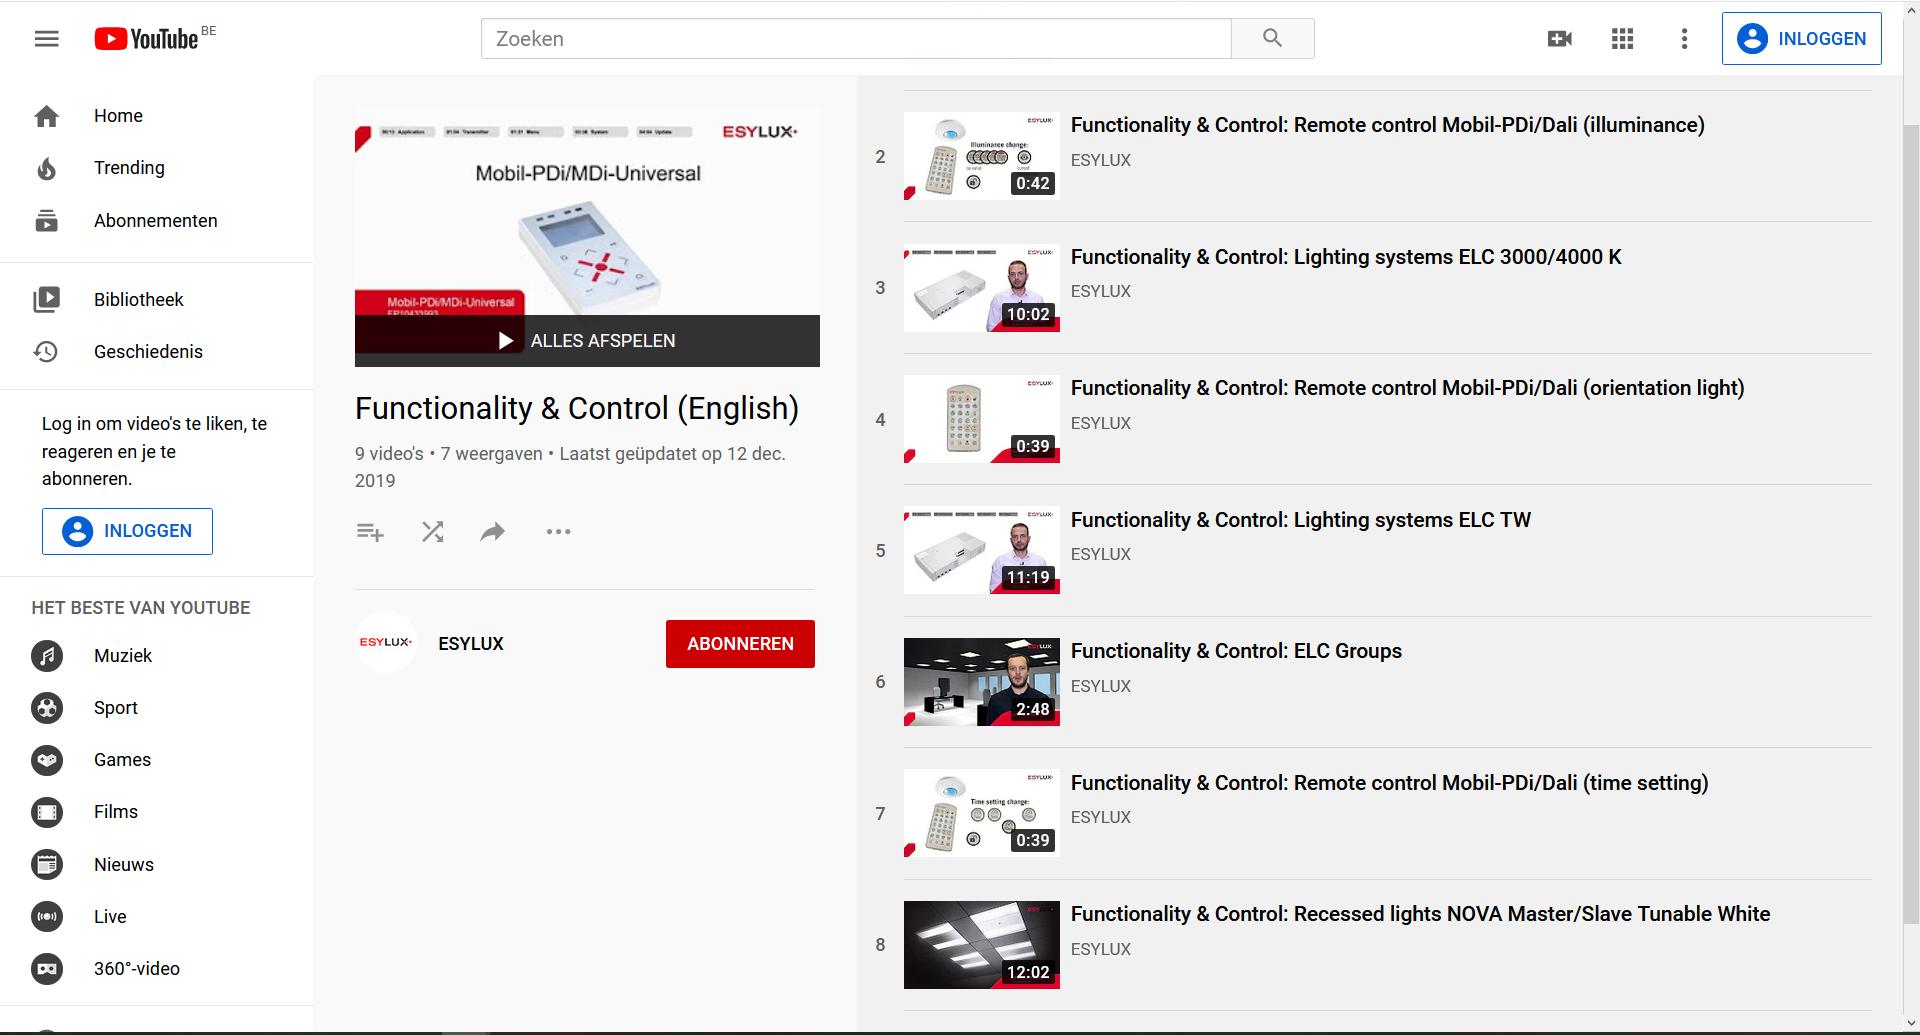 YouTube-kanaal over toepassing van regelsystemen